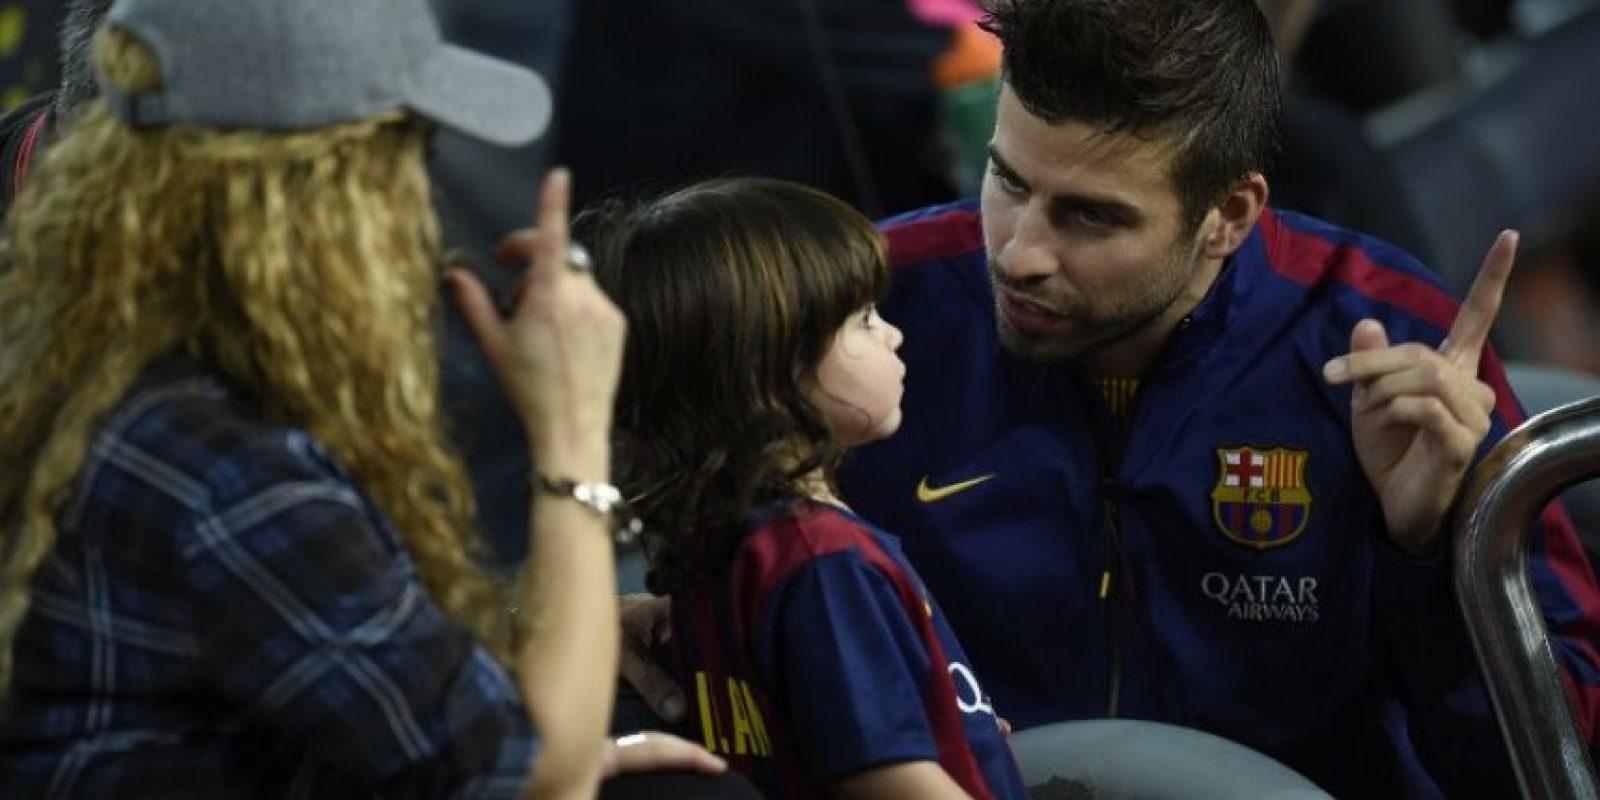 El hijo del futbolista y la cantante es objeto de gran atención mediática desde su nacimiento. Foto:AFP